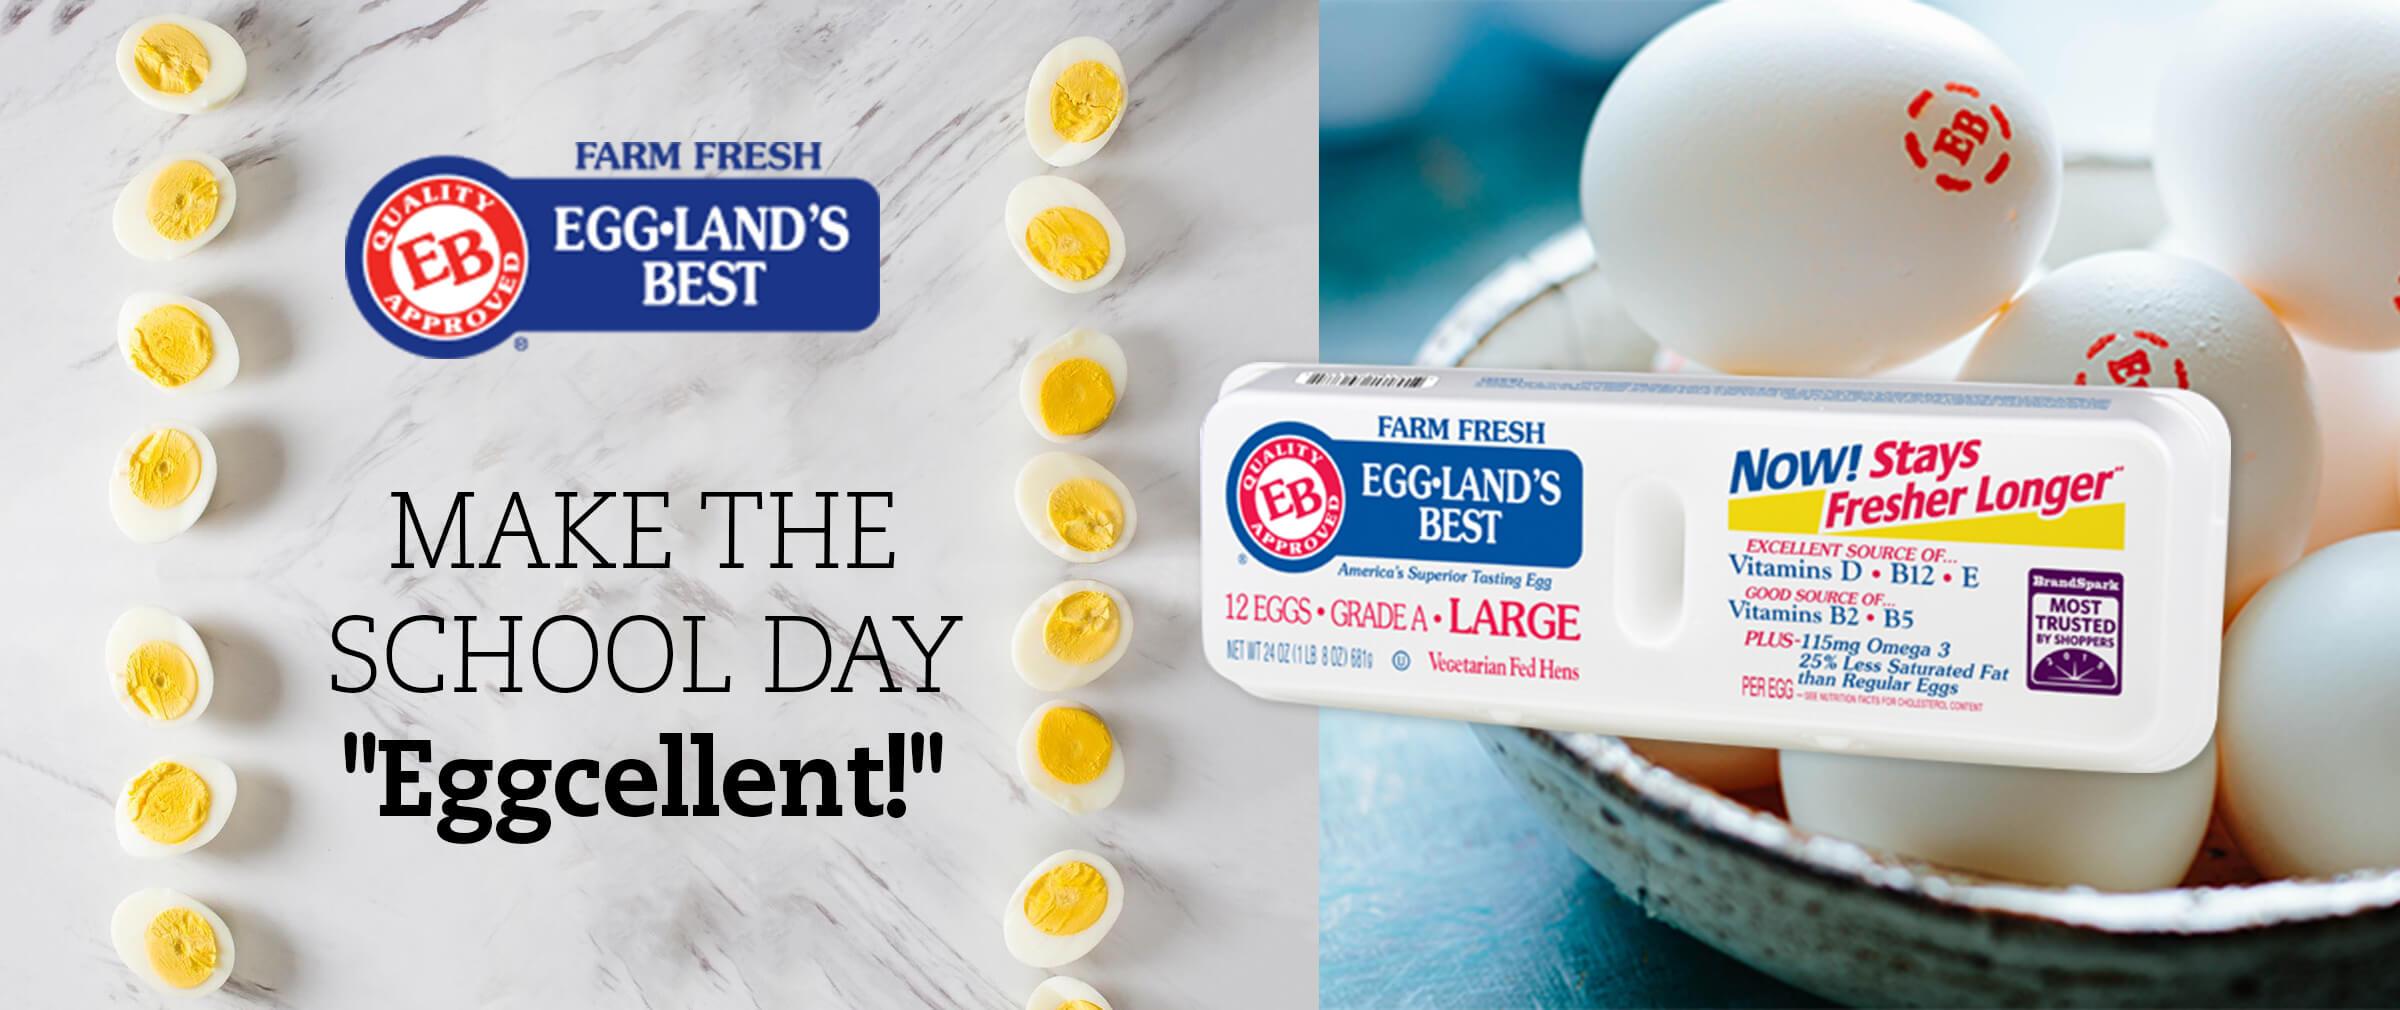 Egglands Best - Make the school day Eggcellent!